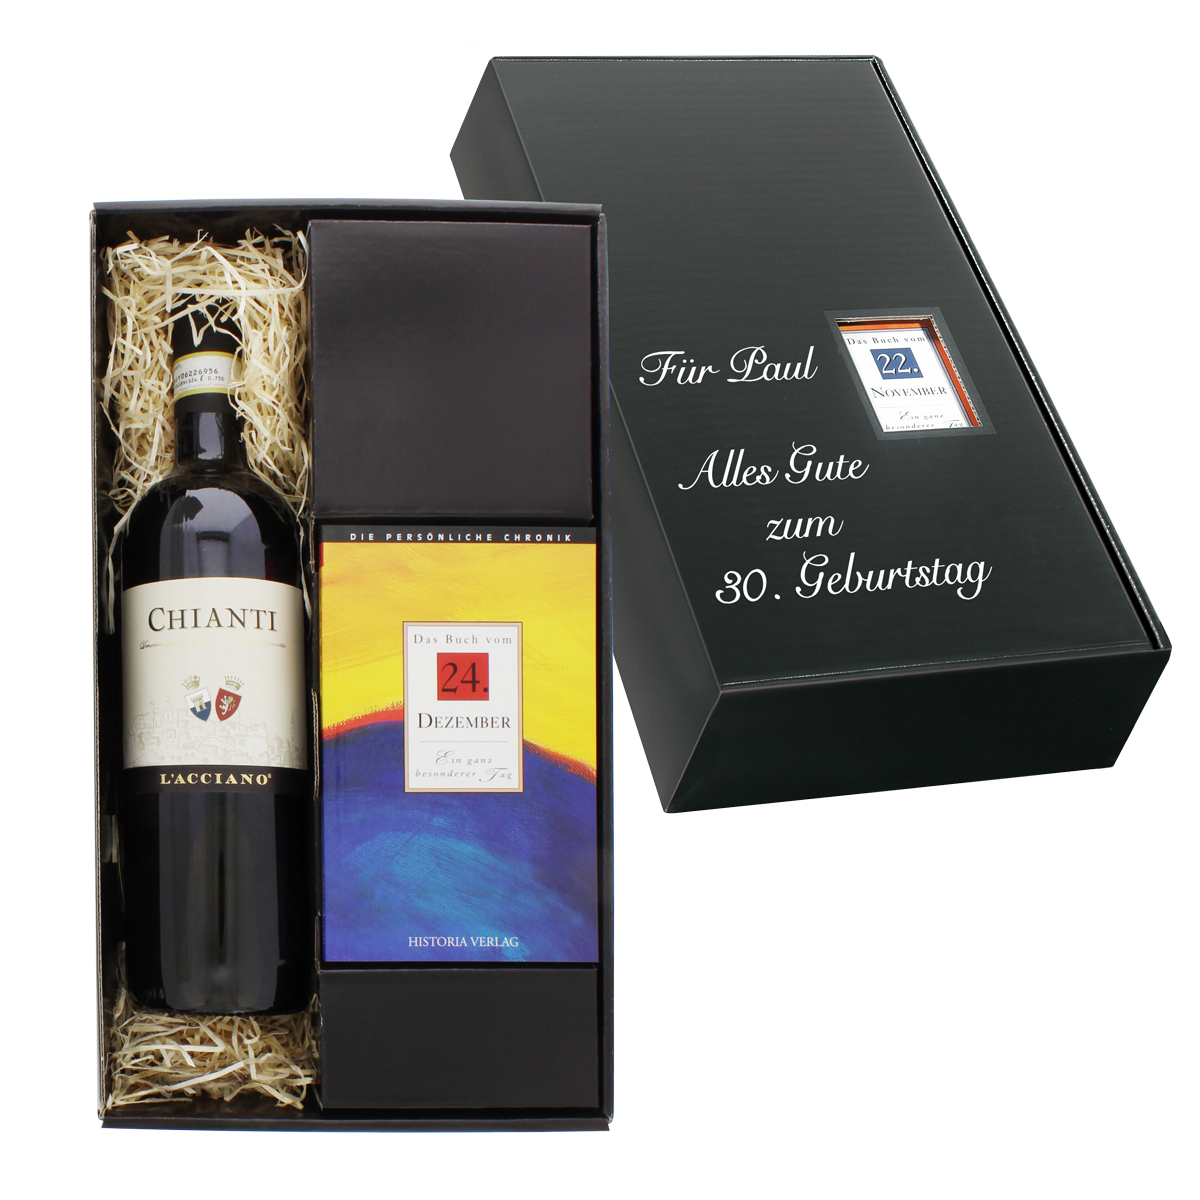 Italien-Set: Tageschronik vom 15. November & Chianti-Wein